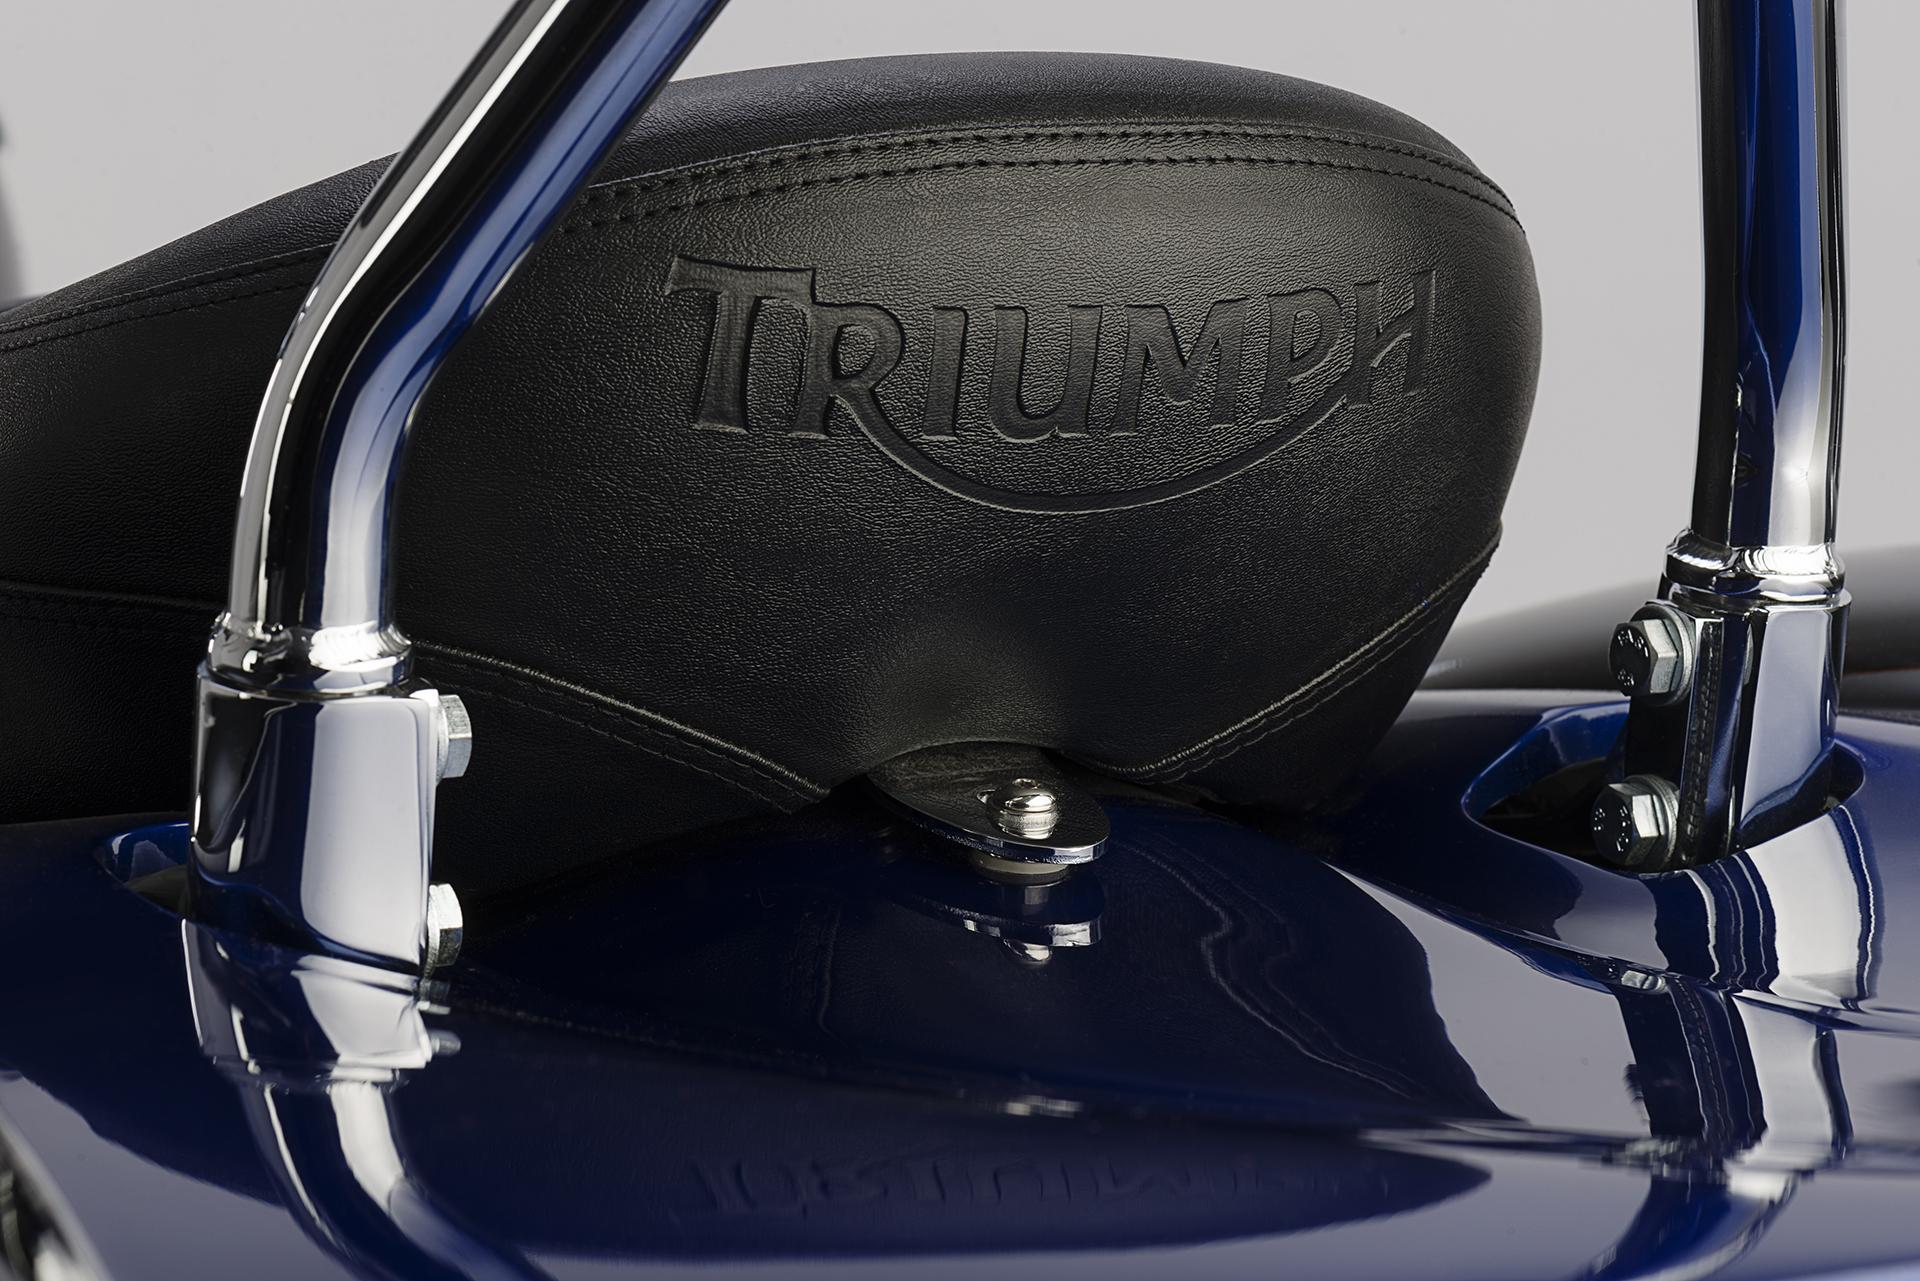 Triumph_Trikes-298.jpg